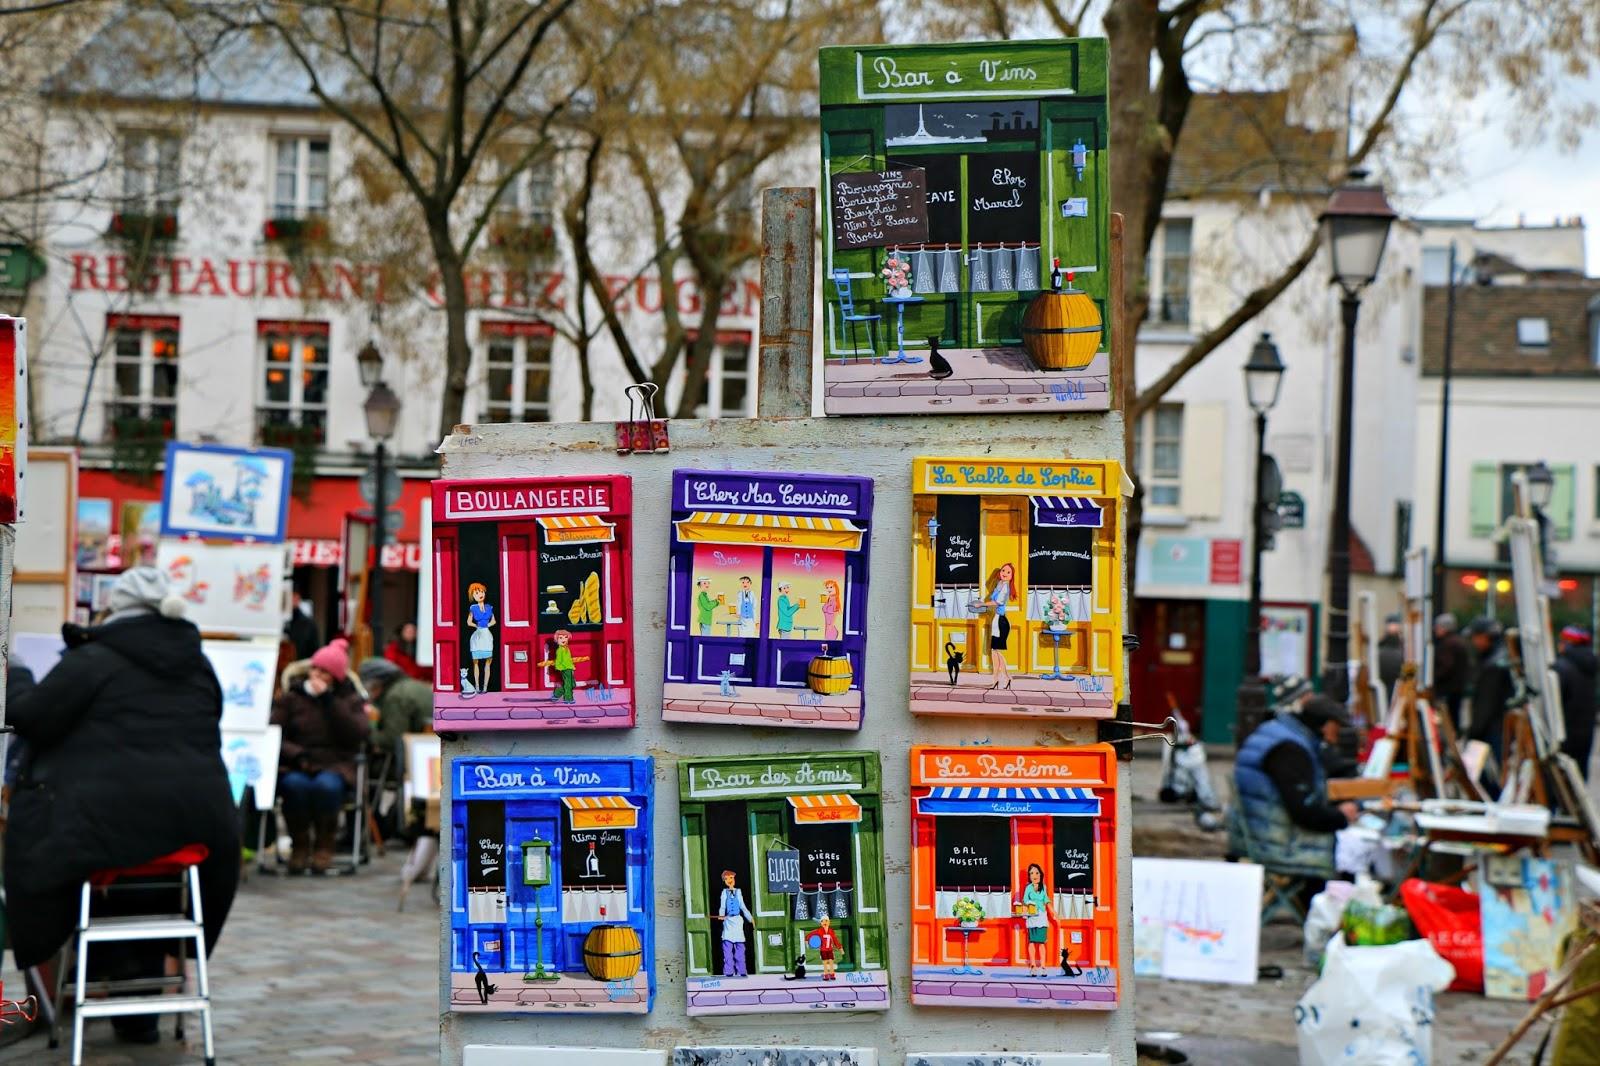 Voli per Parigi: scoprire la capitale francese al femminile ...